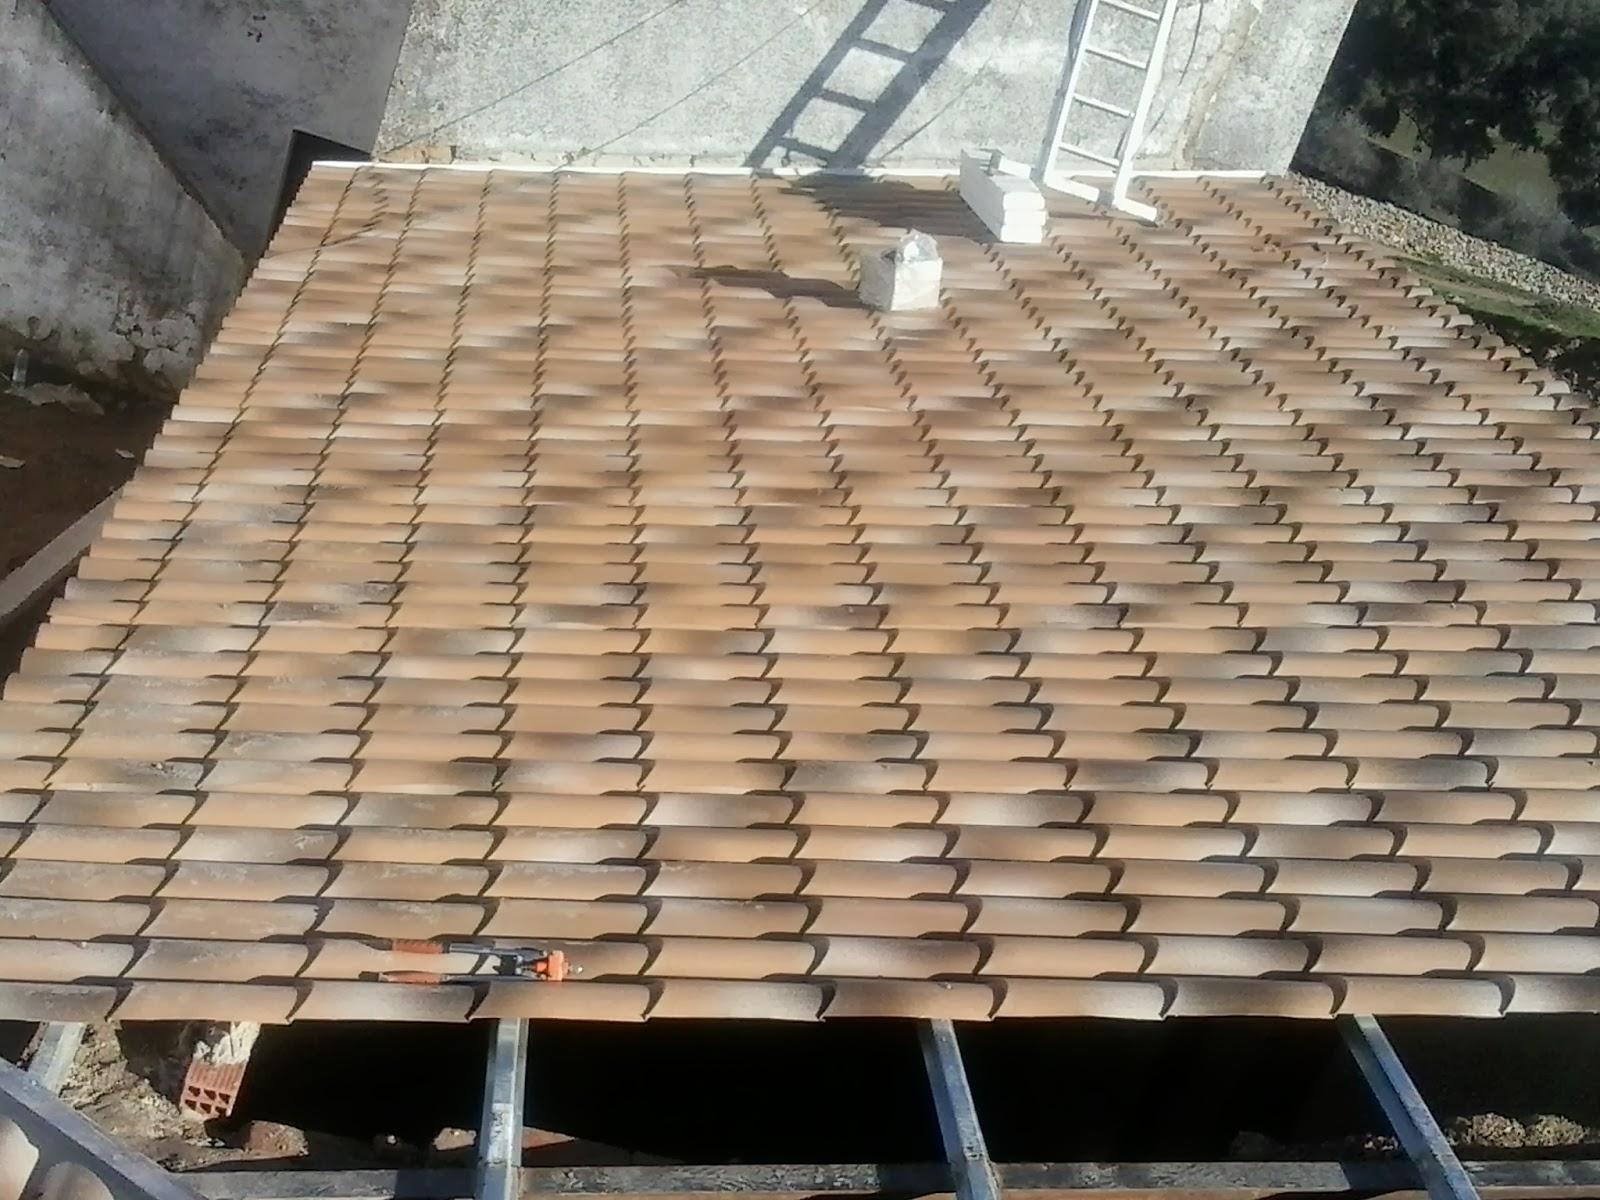 Reparar tejados de teja en castilla y le n vila for Tejados de madera en leon